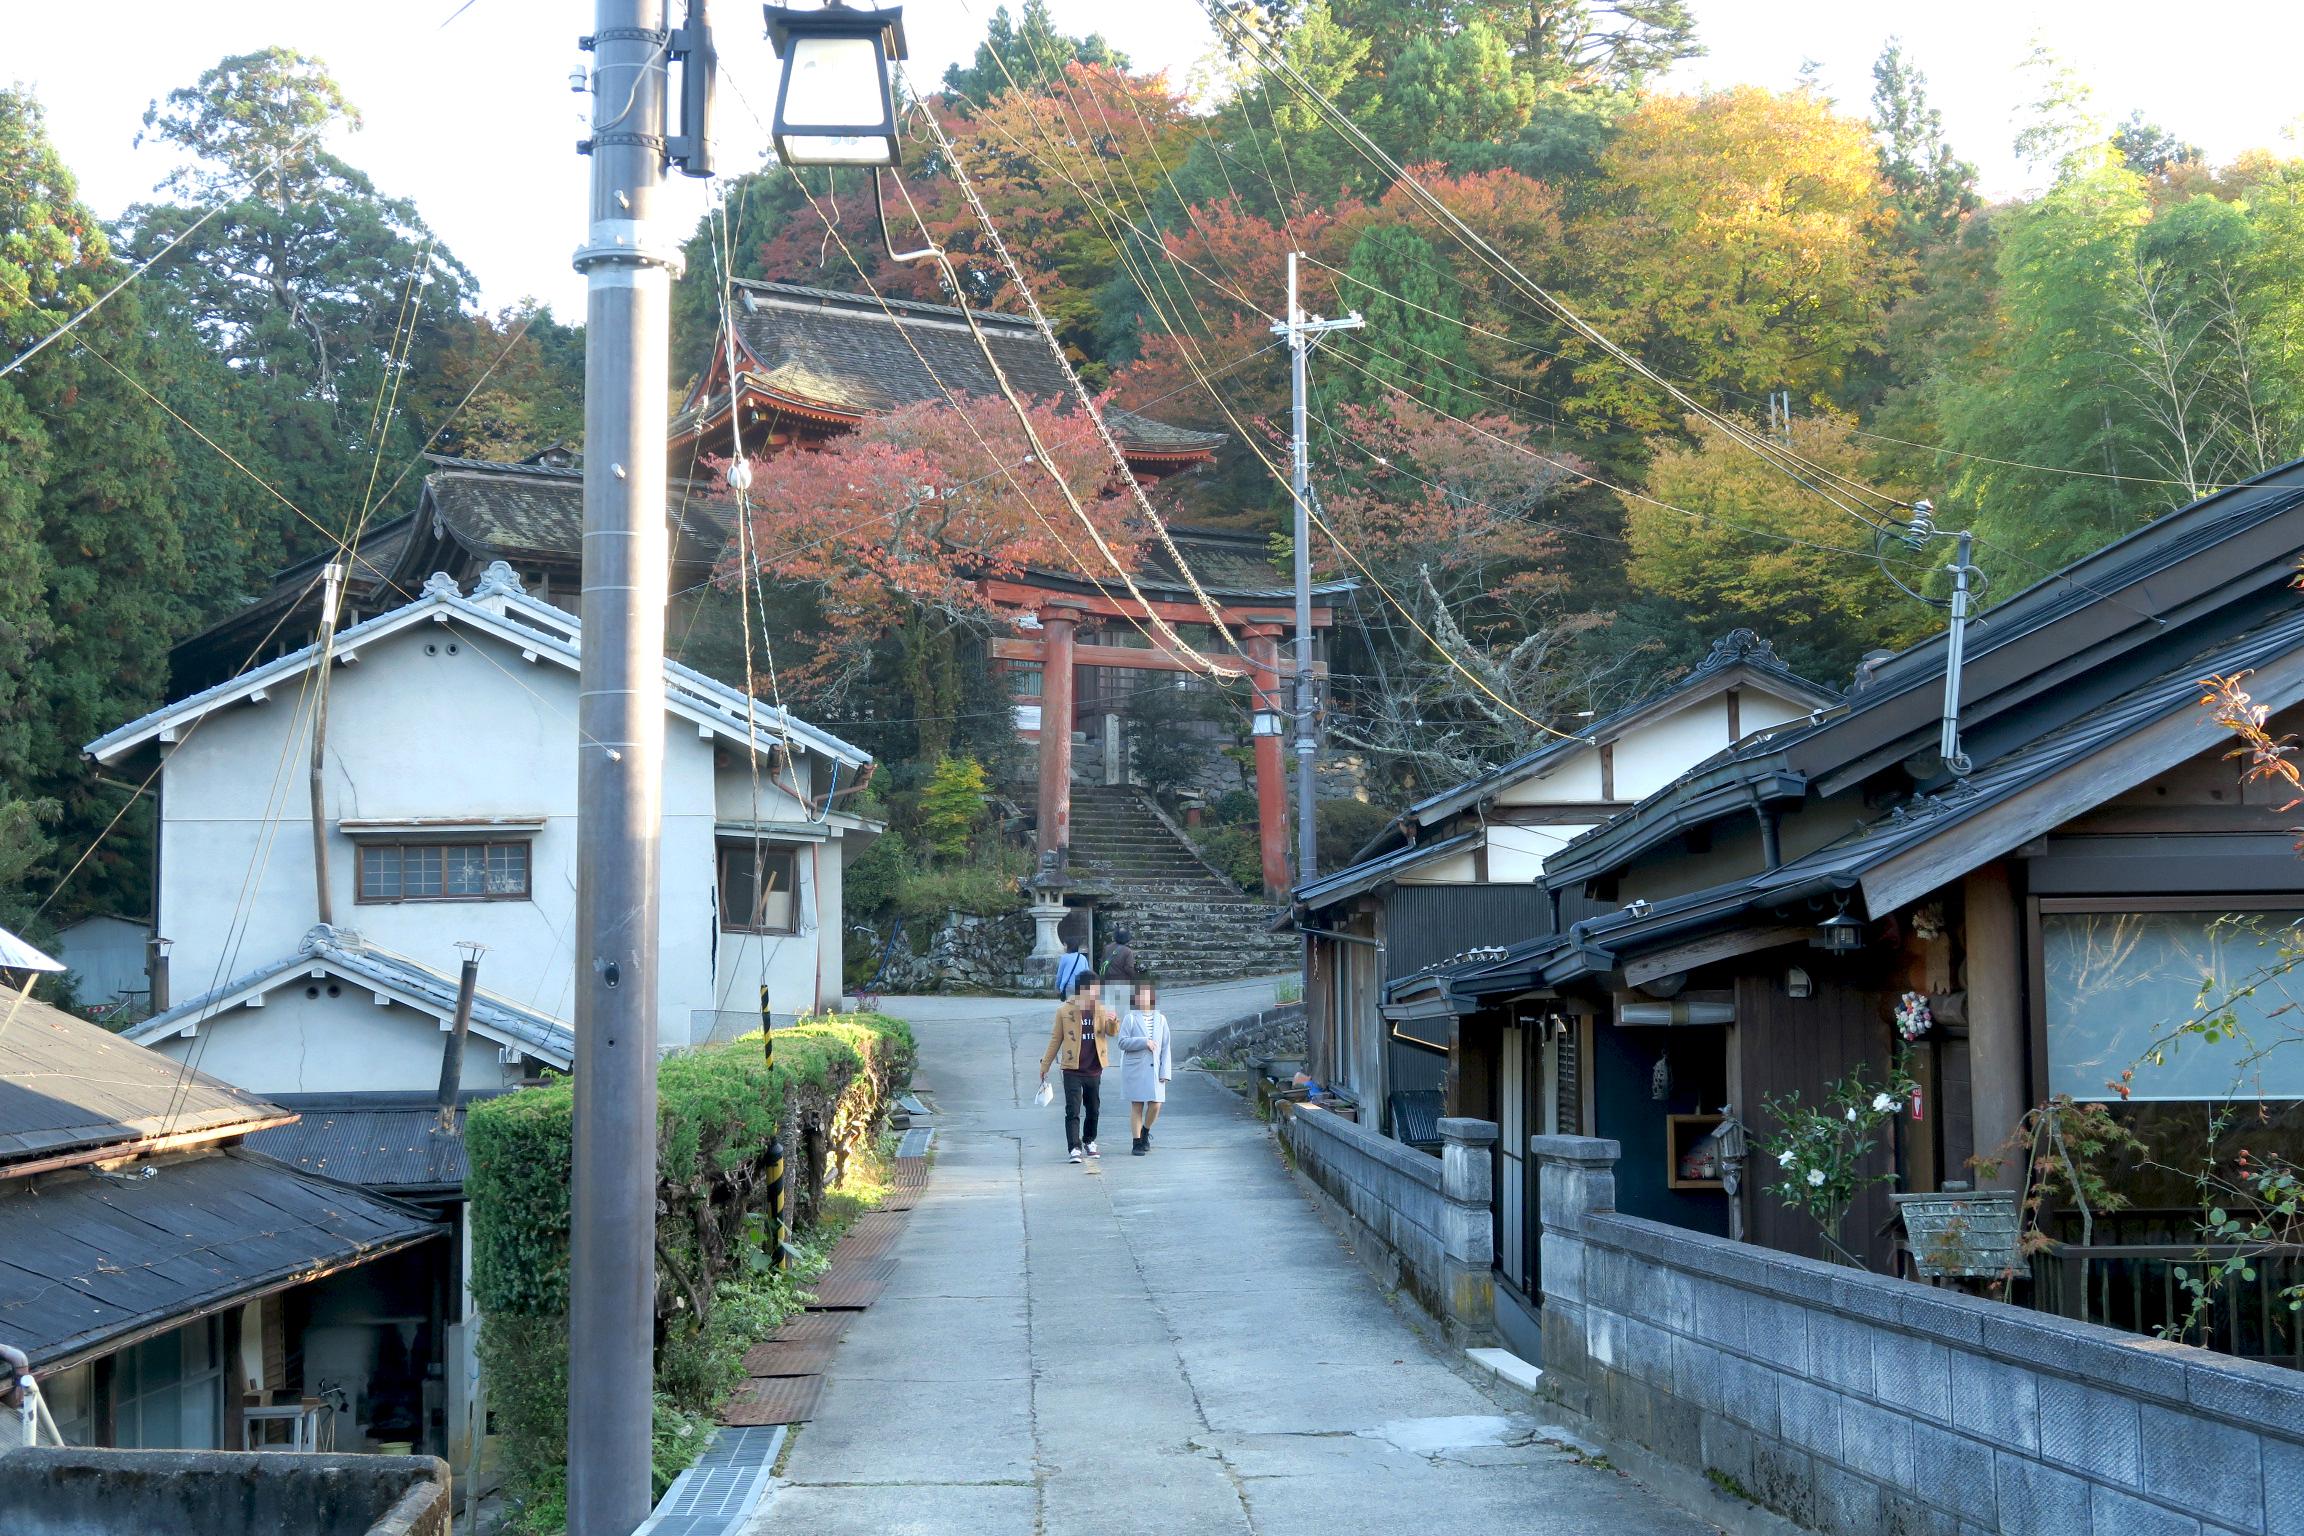 水の神を祀る水分神社(世界遺産)の鳥居が見えてきました。